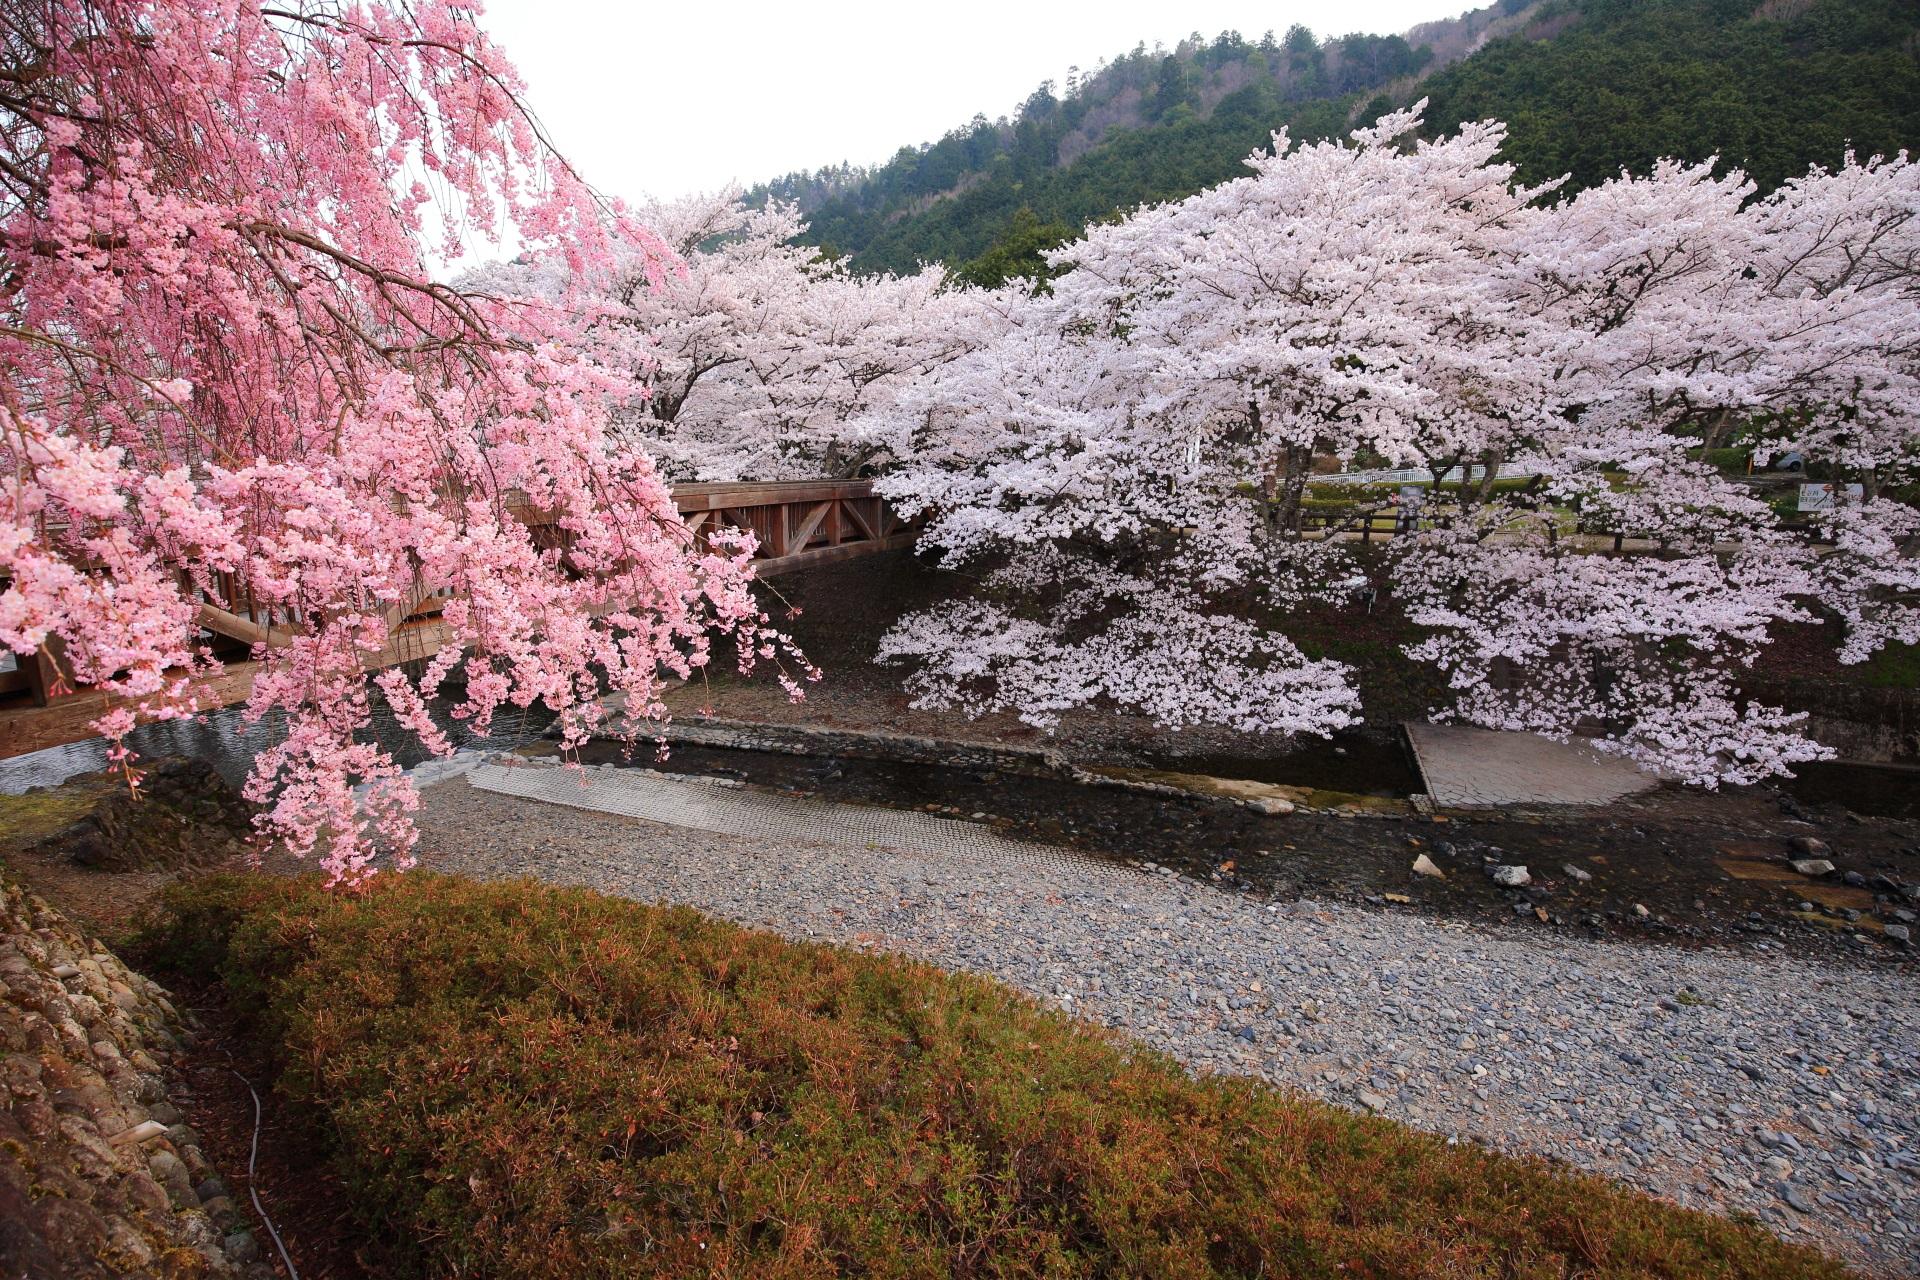 七谷川の美しいピンクと白の桜のコラボ